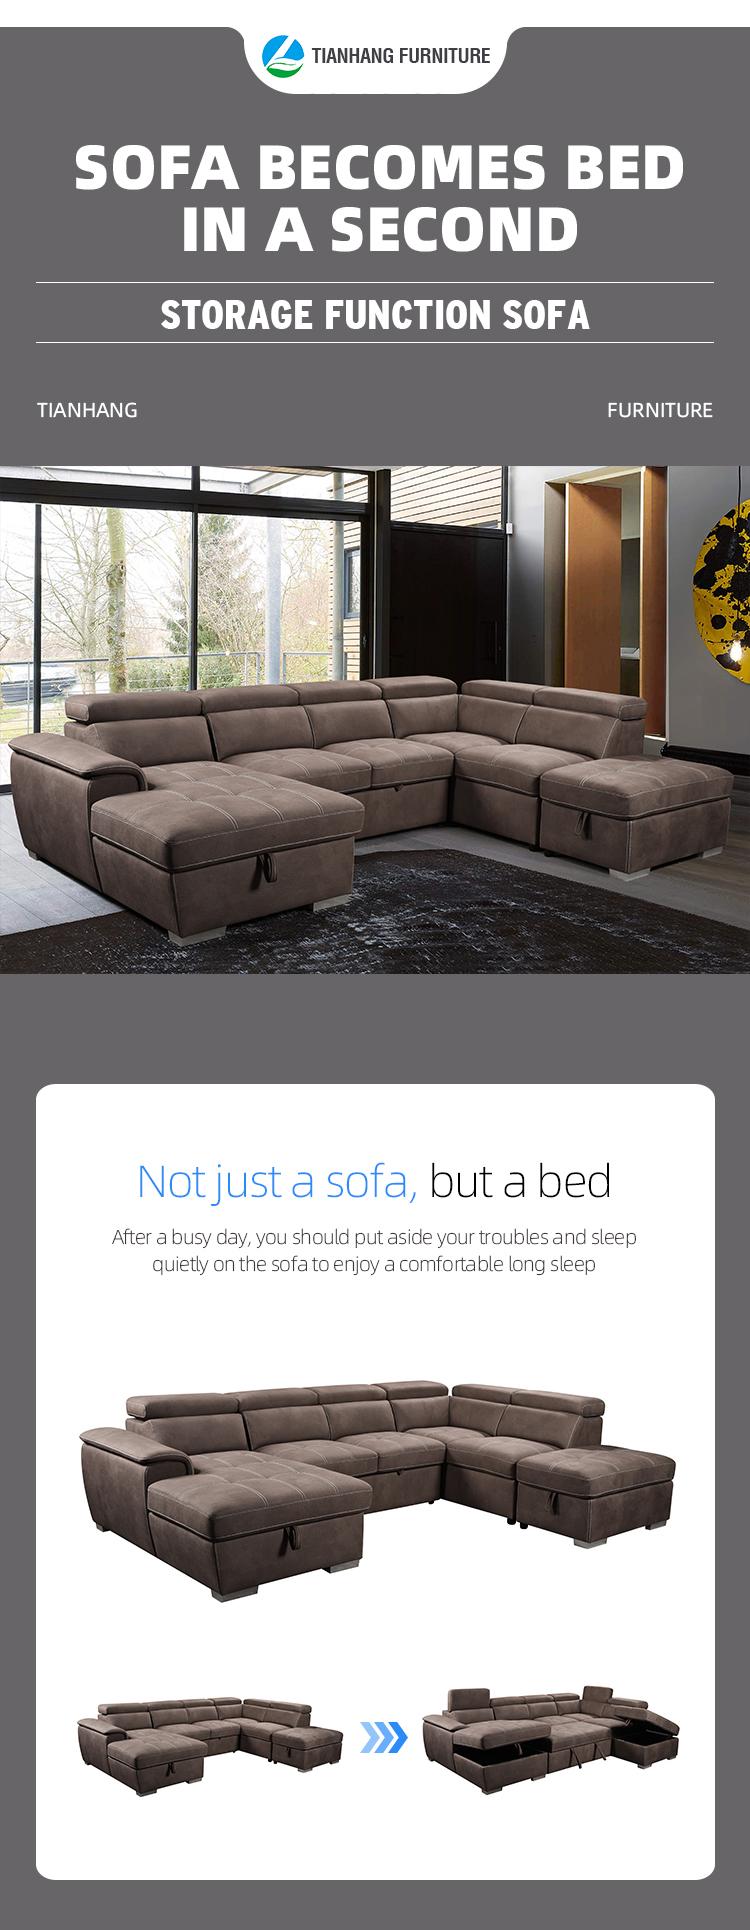 capri 4 living room sofa modern home furniture sleeper u shaped sofa bed room furniture buy living room sofa canap living room sofas space saving